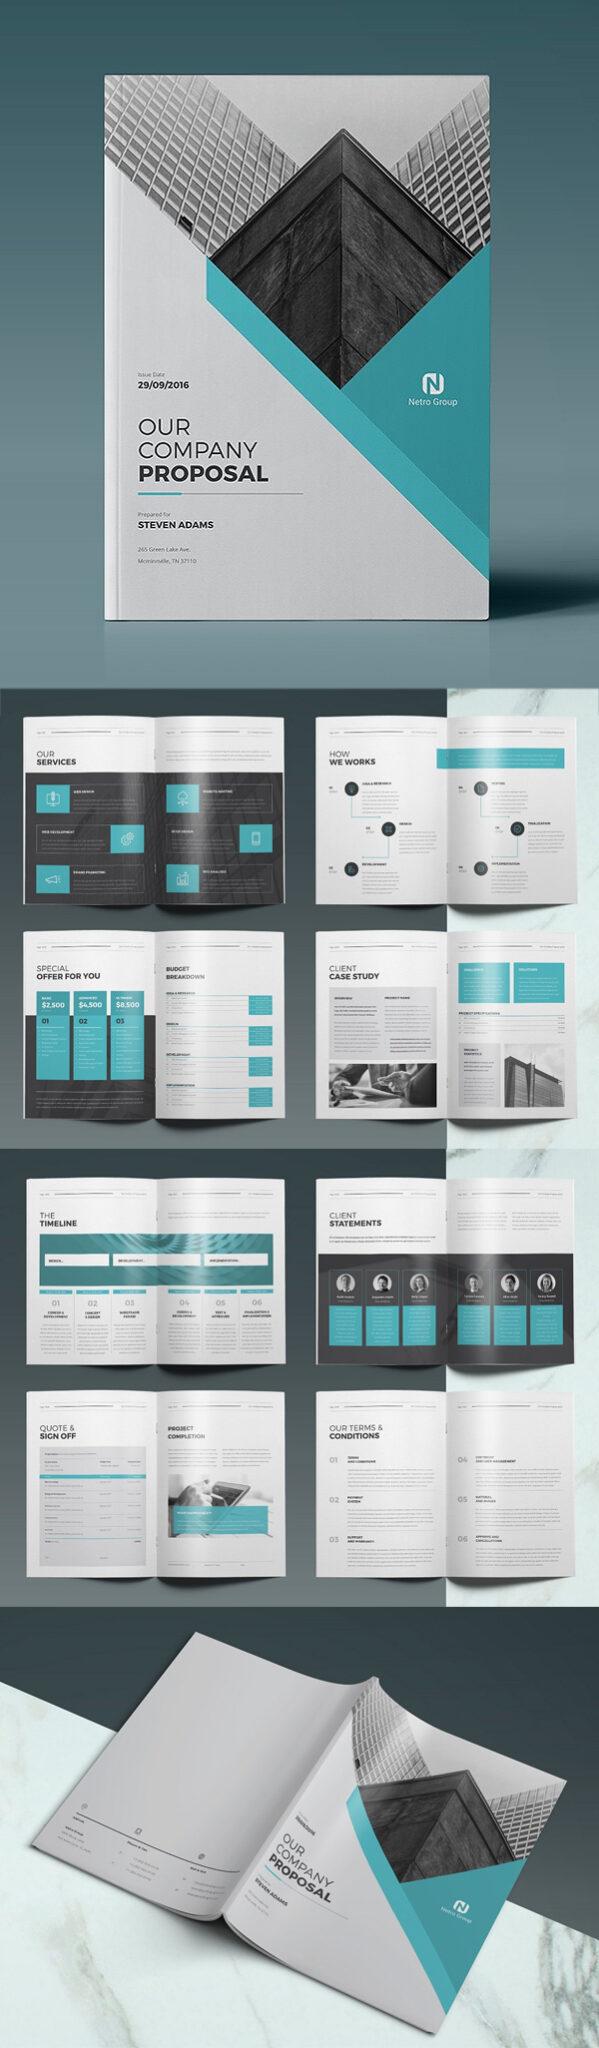 Diseño de mockups de propuesta de negocio profesional - 4